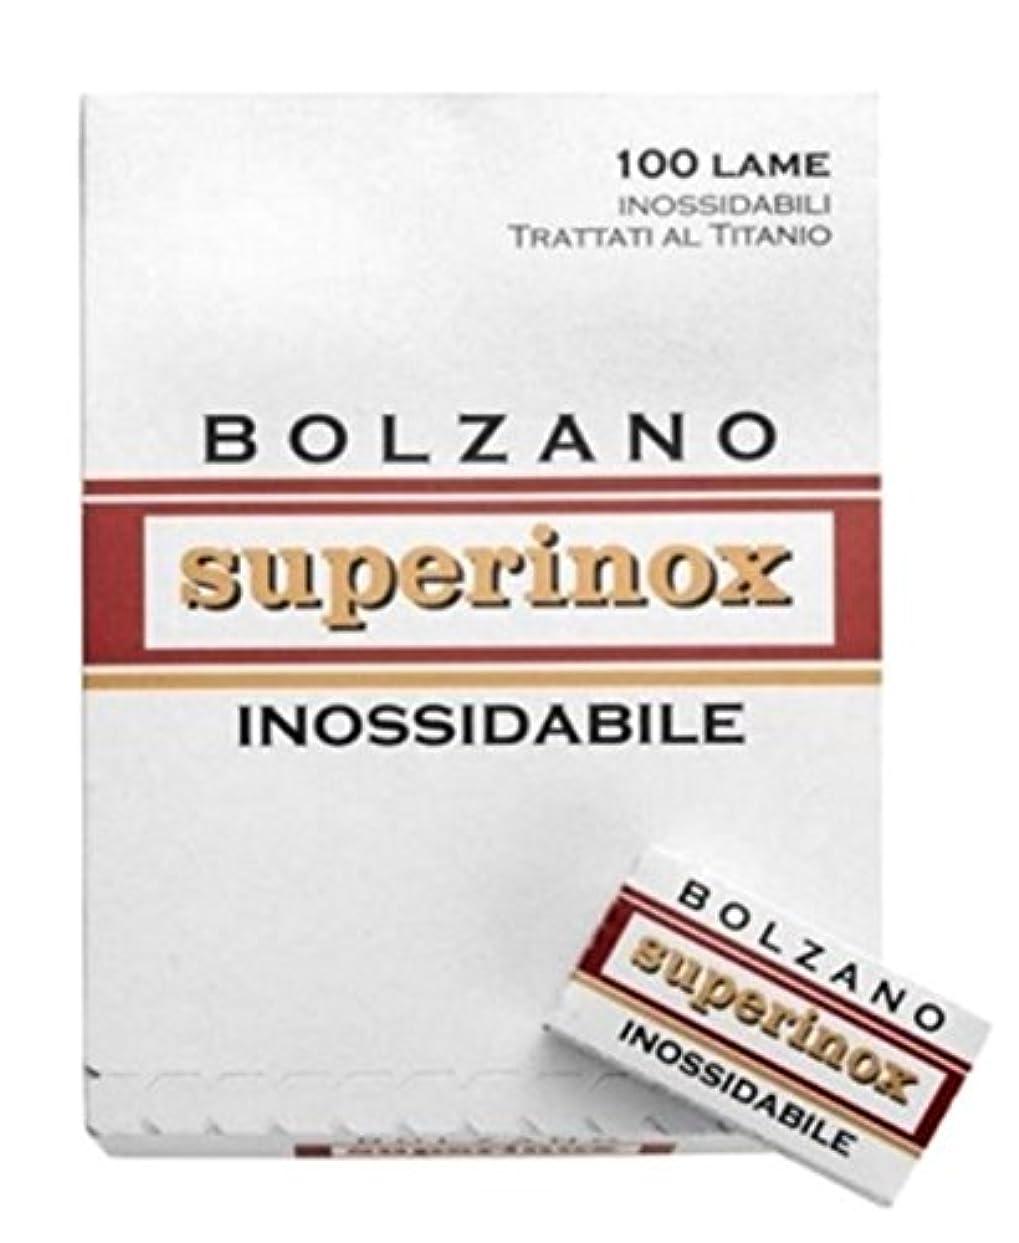 に変わるペパーミント無視Bolzano Superinox Inossidabile 両刃替刃 100枚入り(5枚入り20 個セット)【並行輸入品】